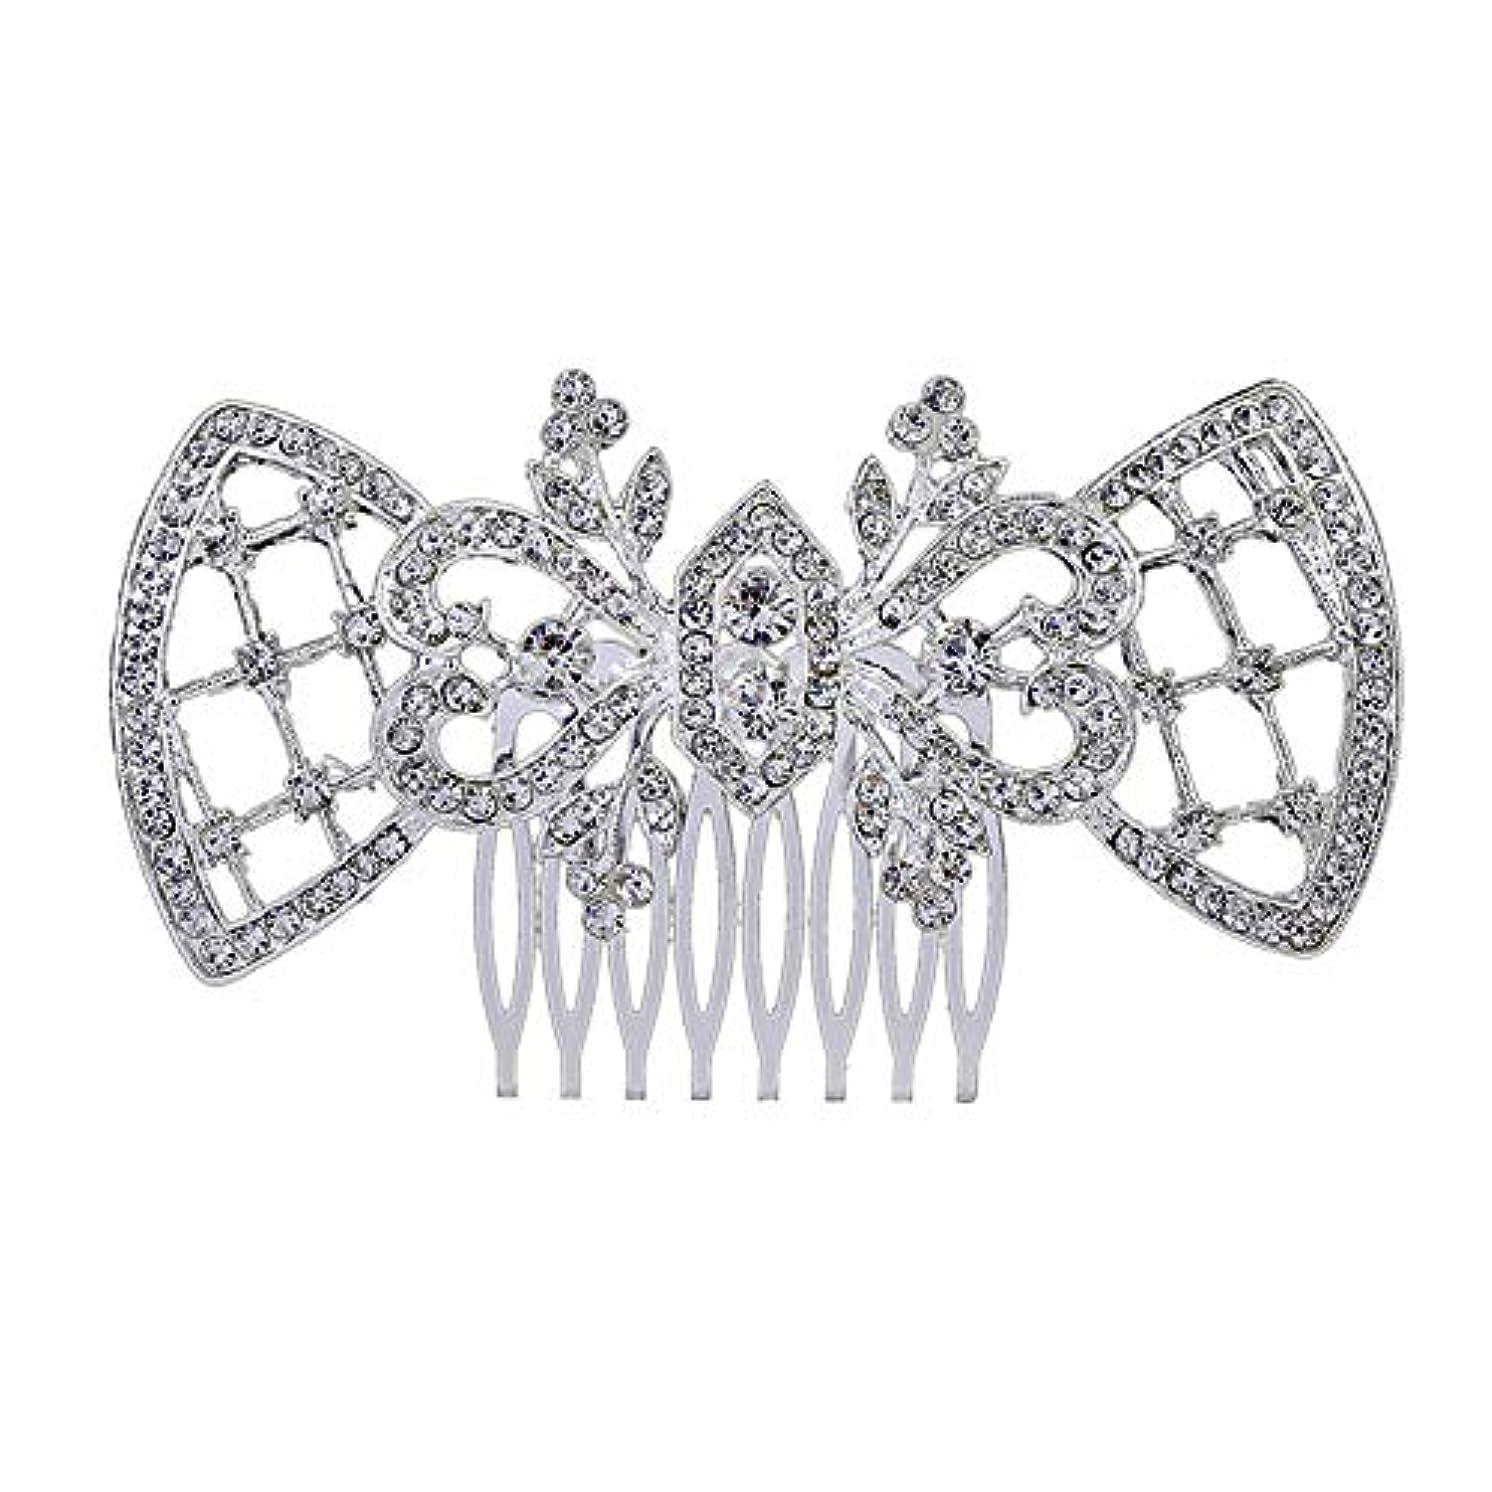 酸夫安全でない髪の櫛、櫛、ブライダル髪、髪の櫛、ハート形、ラインストーンの櫛、合金の帽子、結婚式のアクセサリー